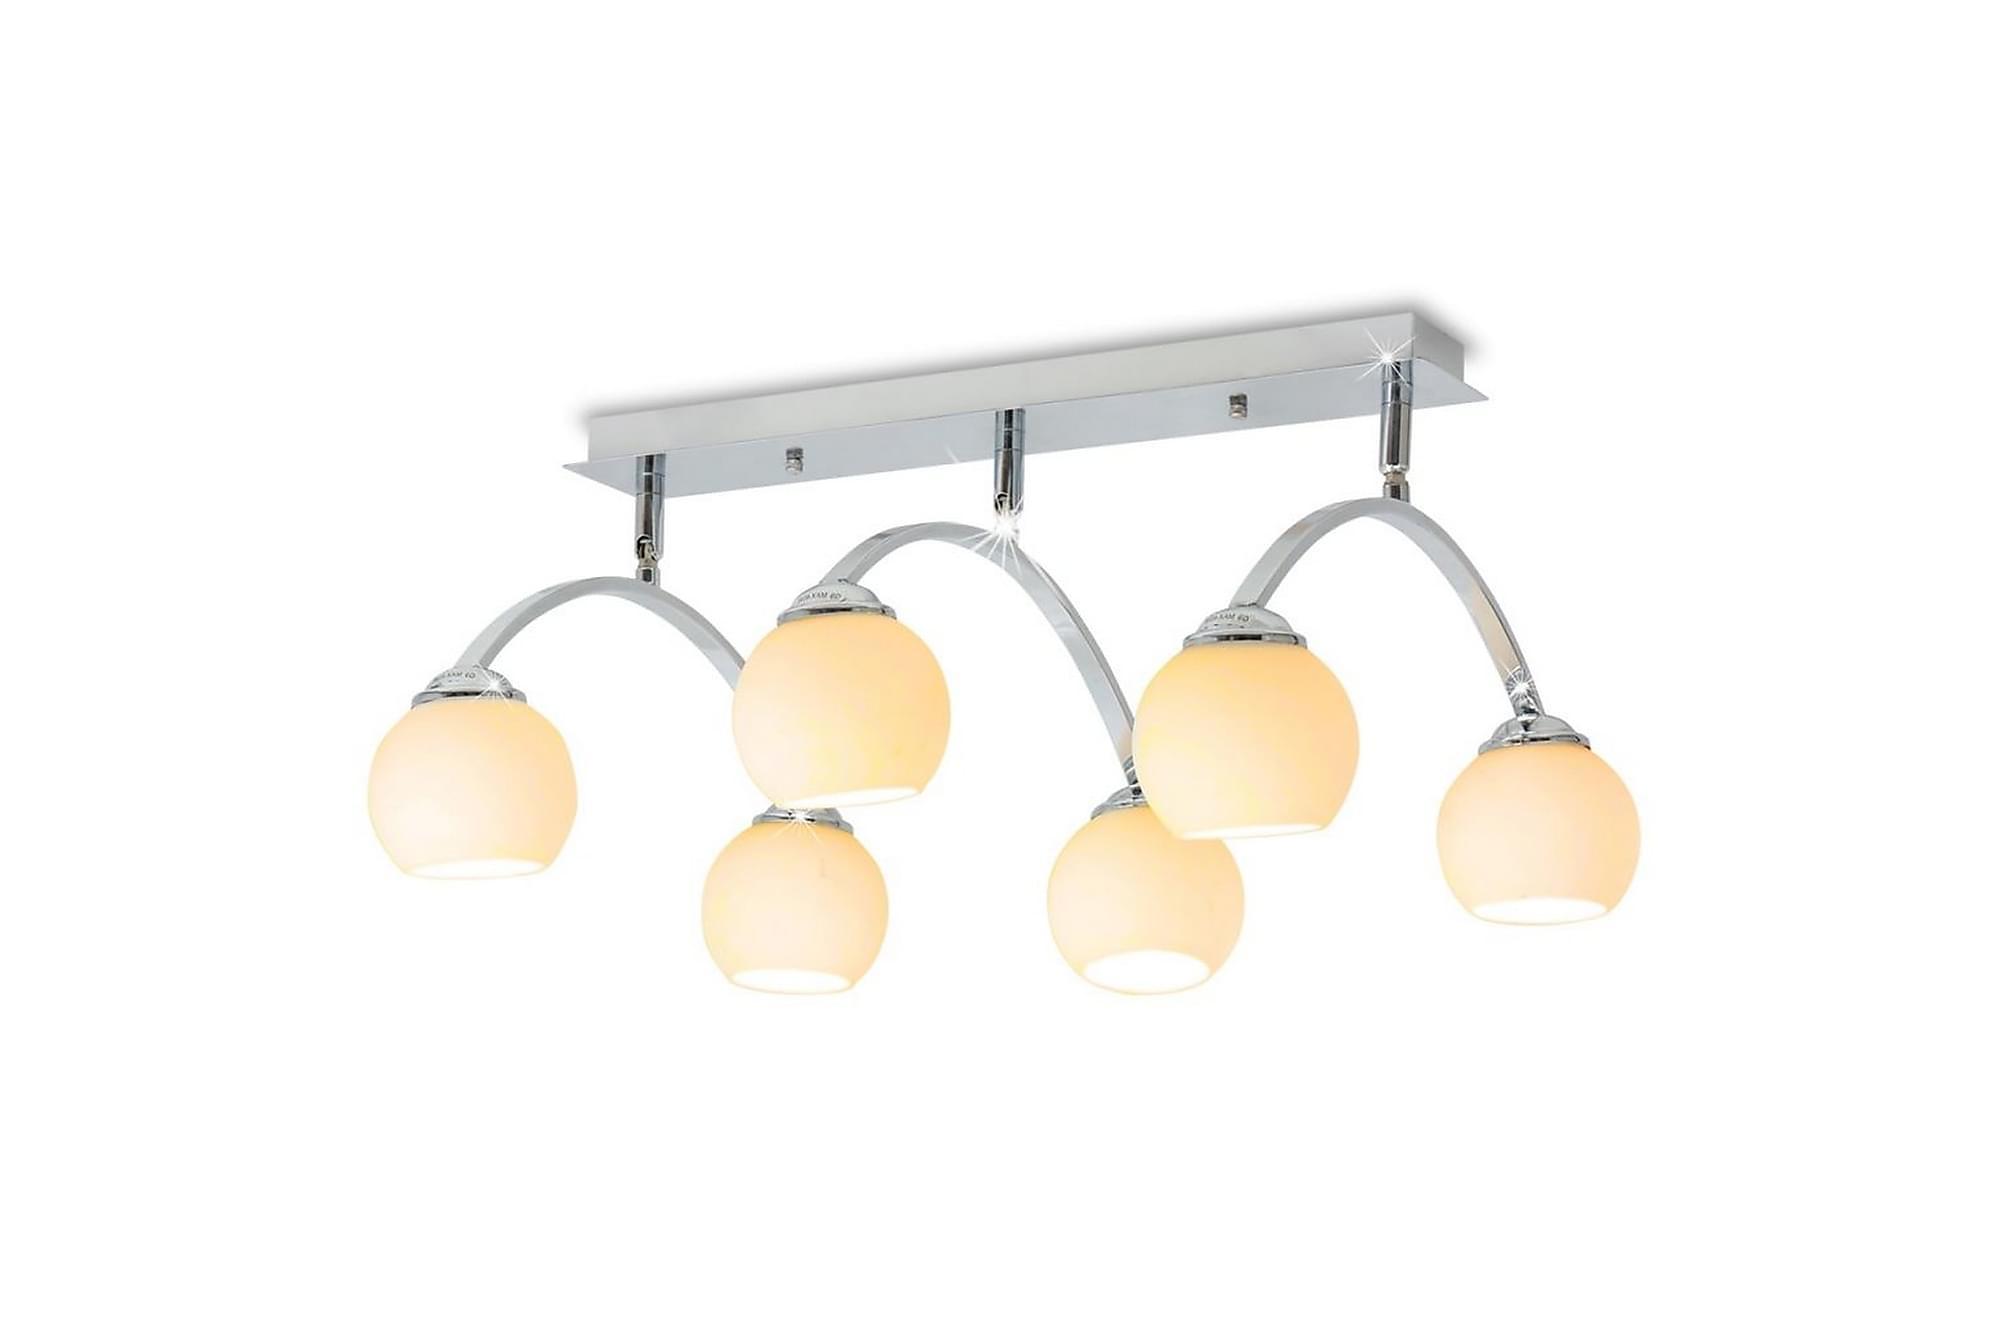 Taklampa med 6 LED-glödlampor G9 240 W, Taklampor